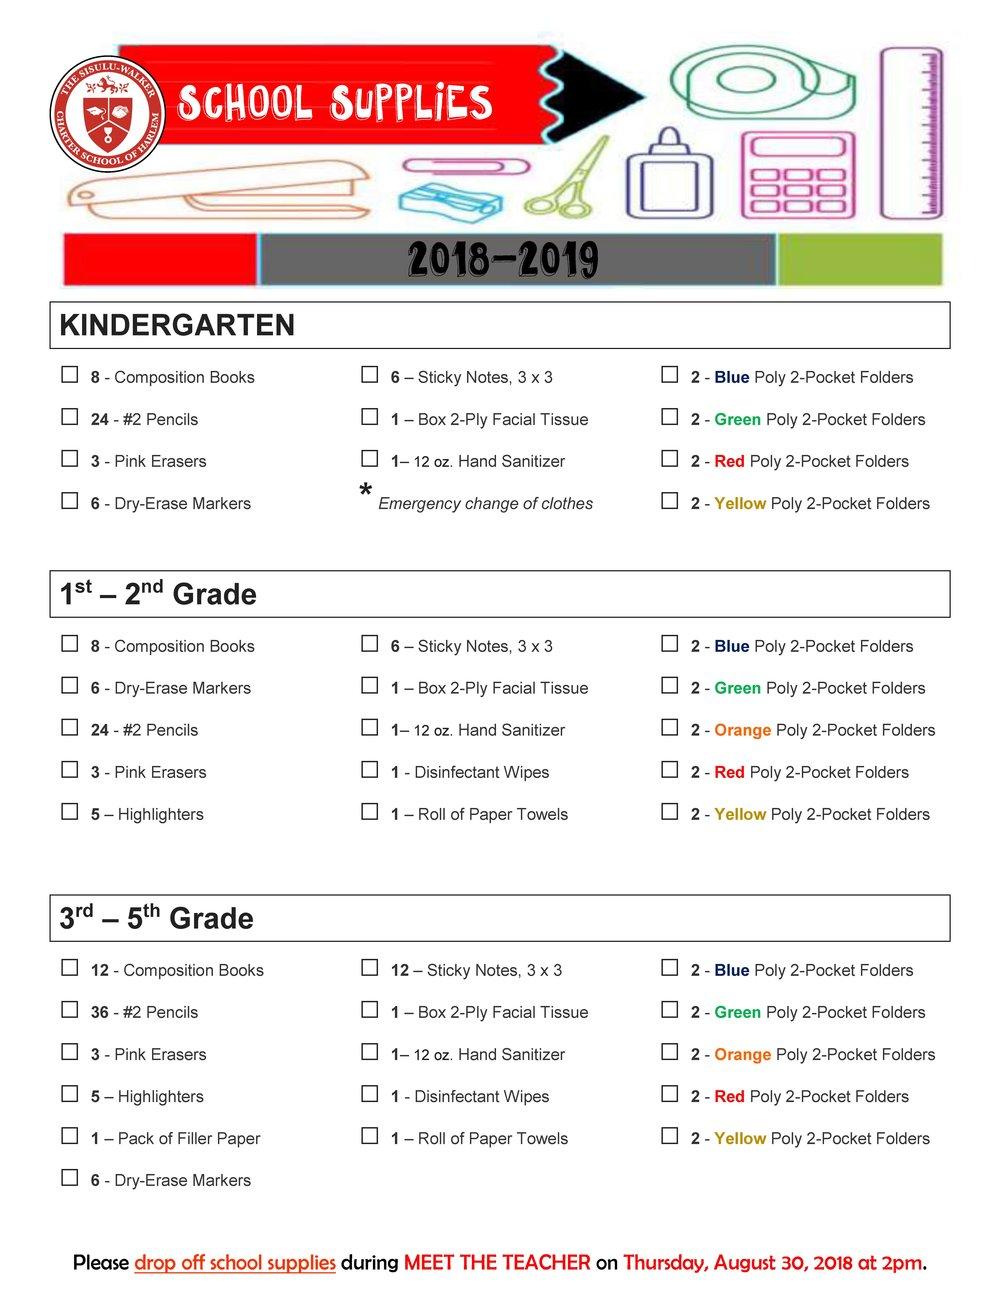 SWCSH School Supplies 2018.jpg